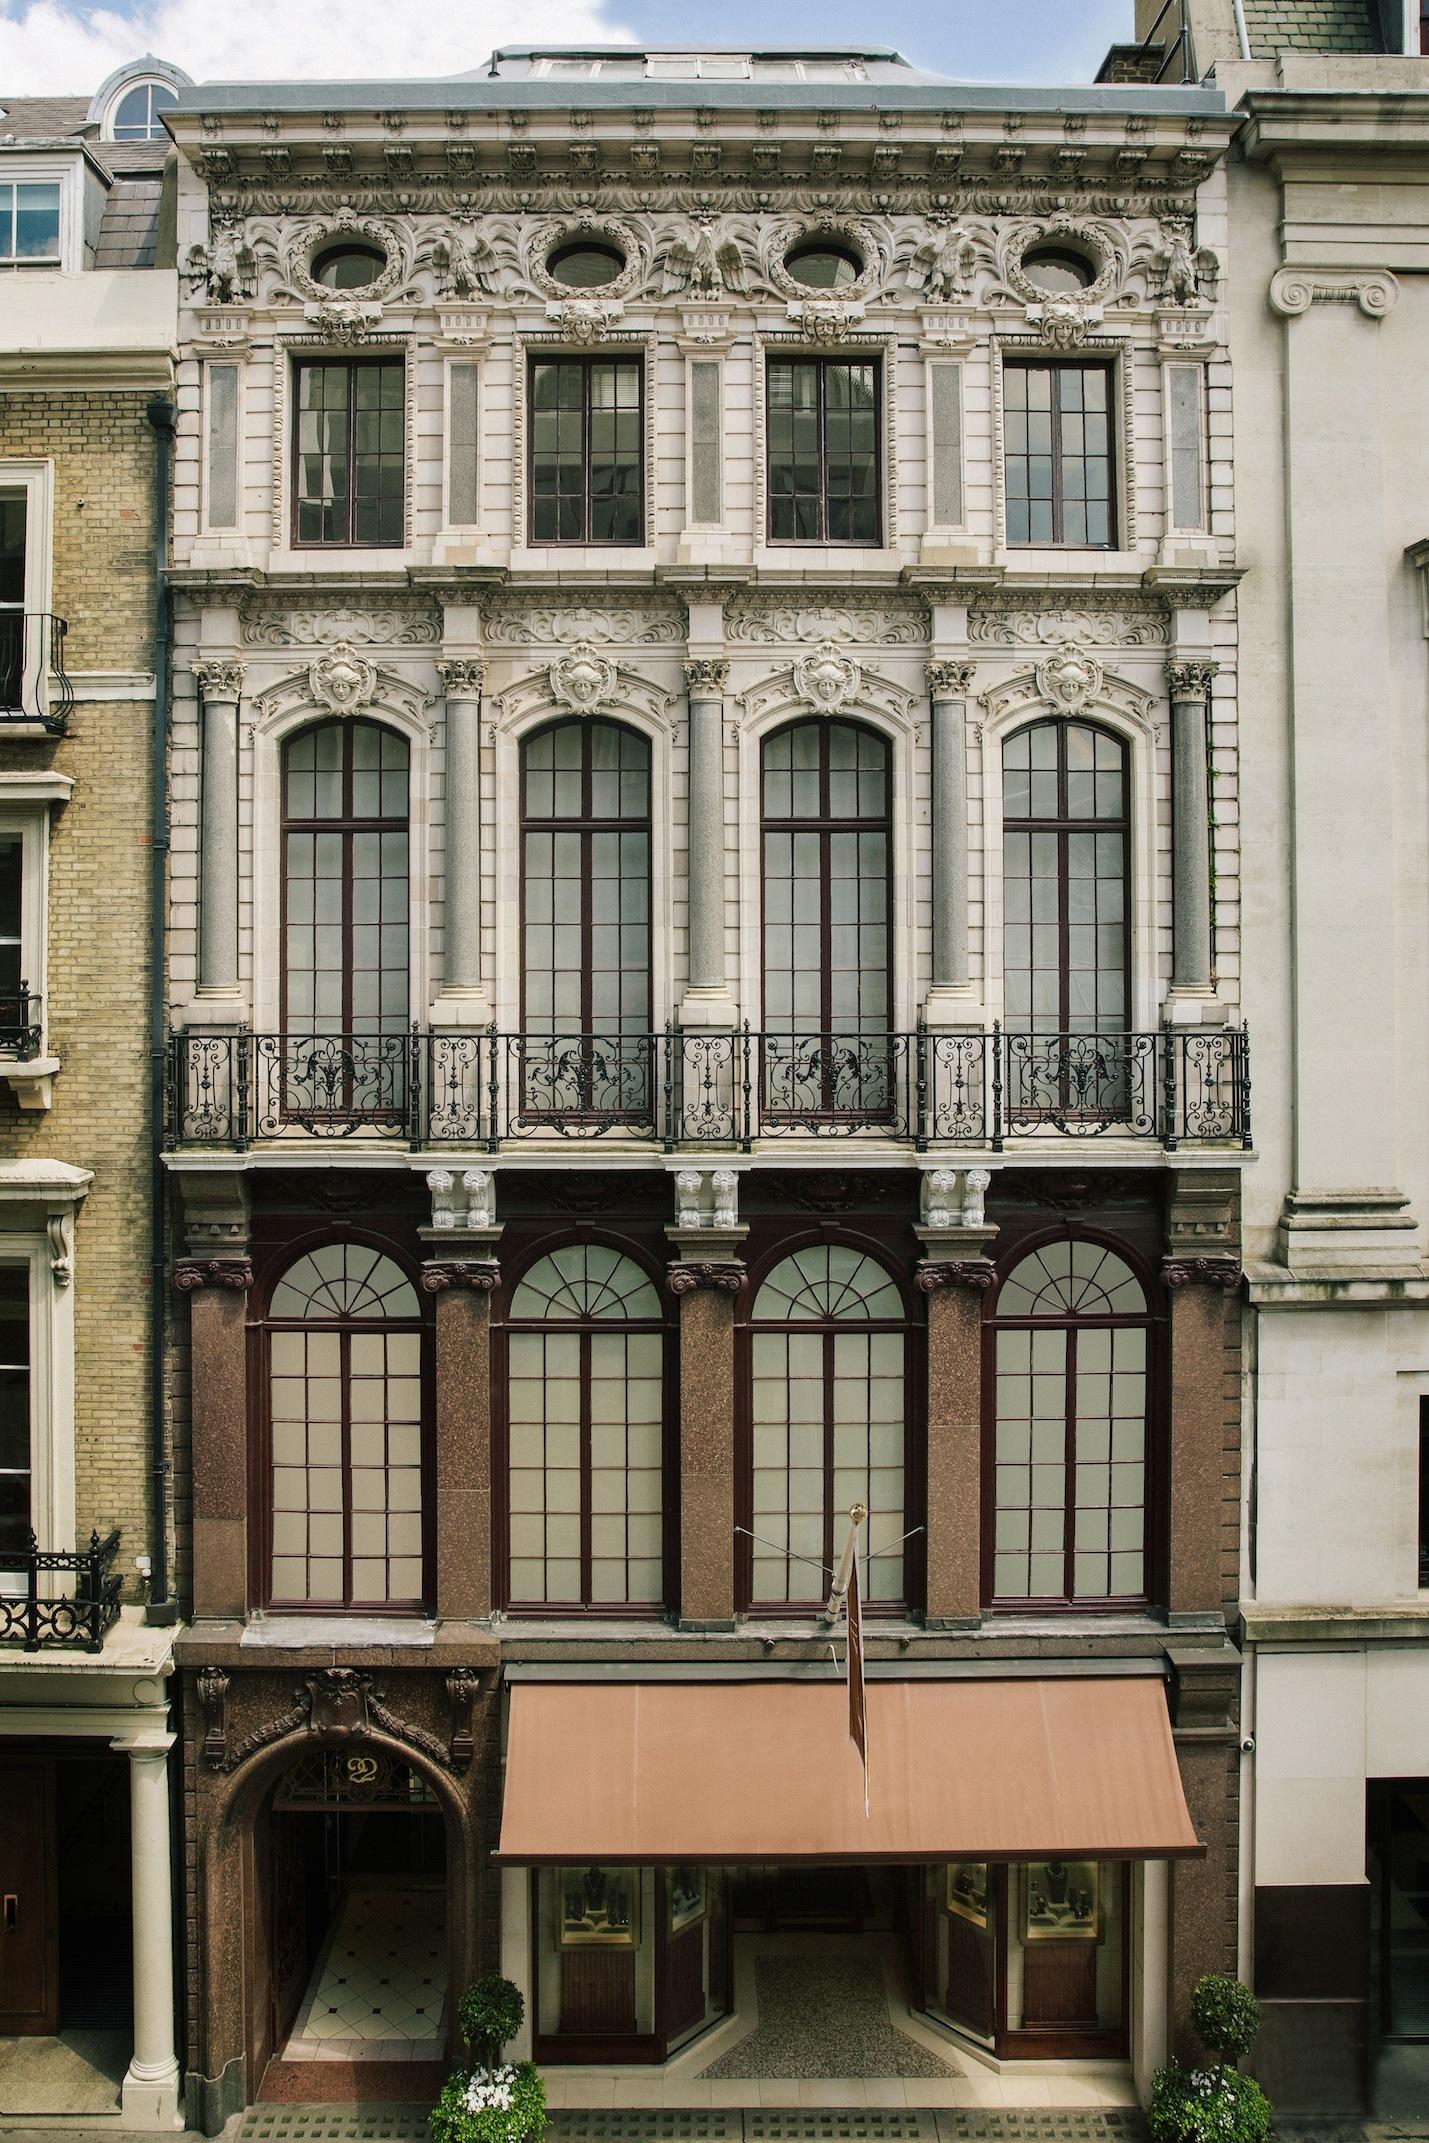 DOMINIQUE LÉVY ABRE NUM NOVO ESPAÇO EM LONDON NO OLD BOND STREET.